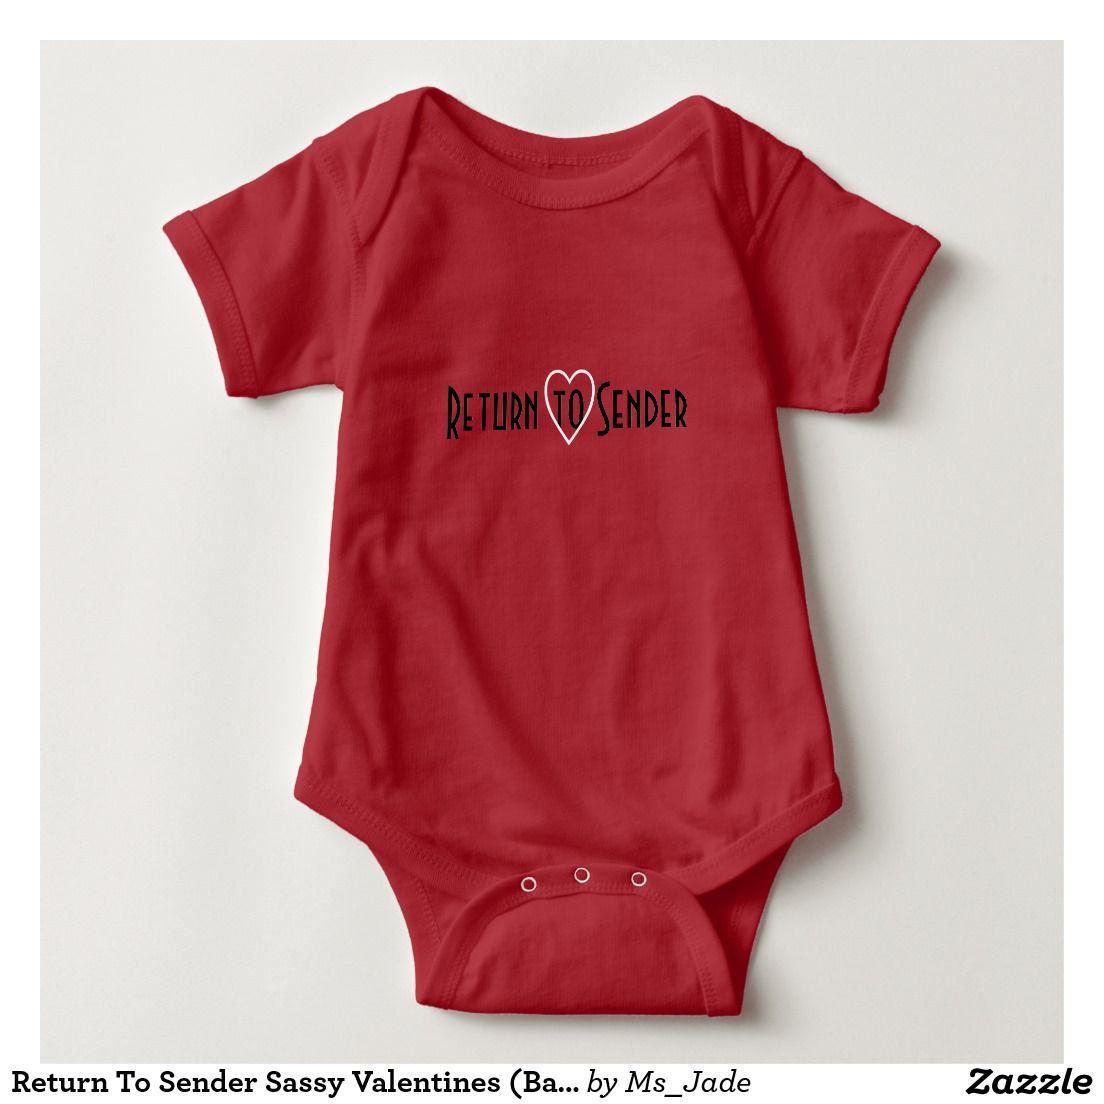 Return To Sender Sassy Valentines Baby Toddler Baby Bodysuit